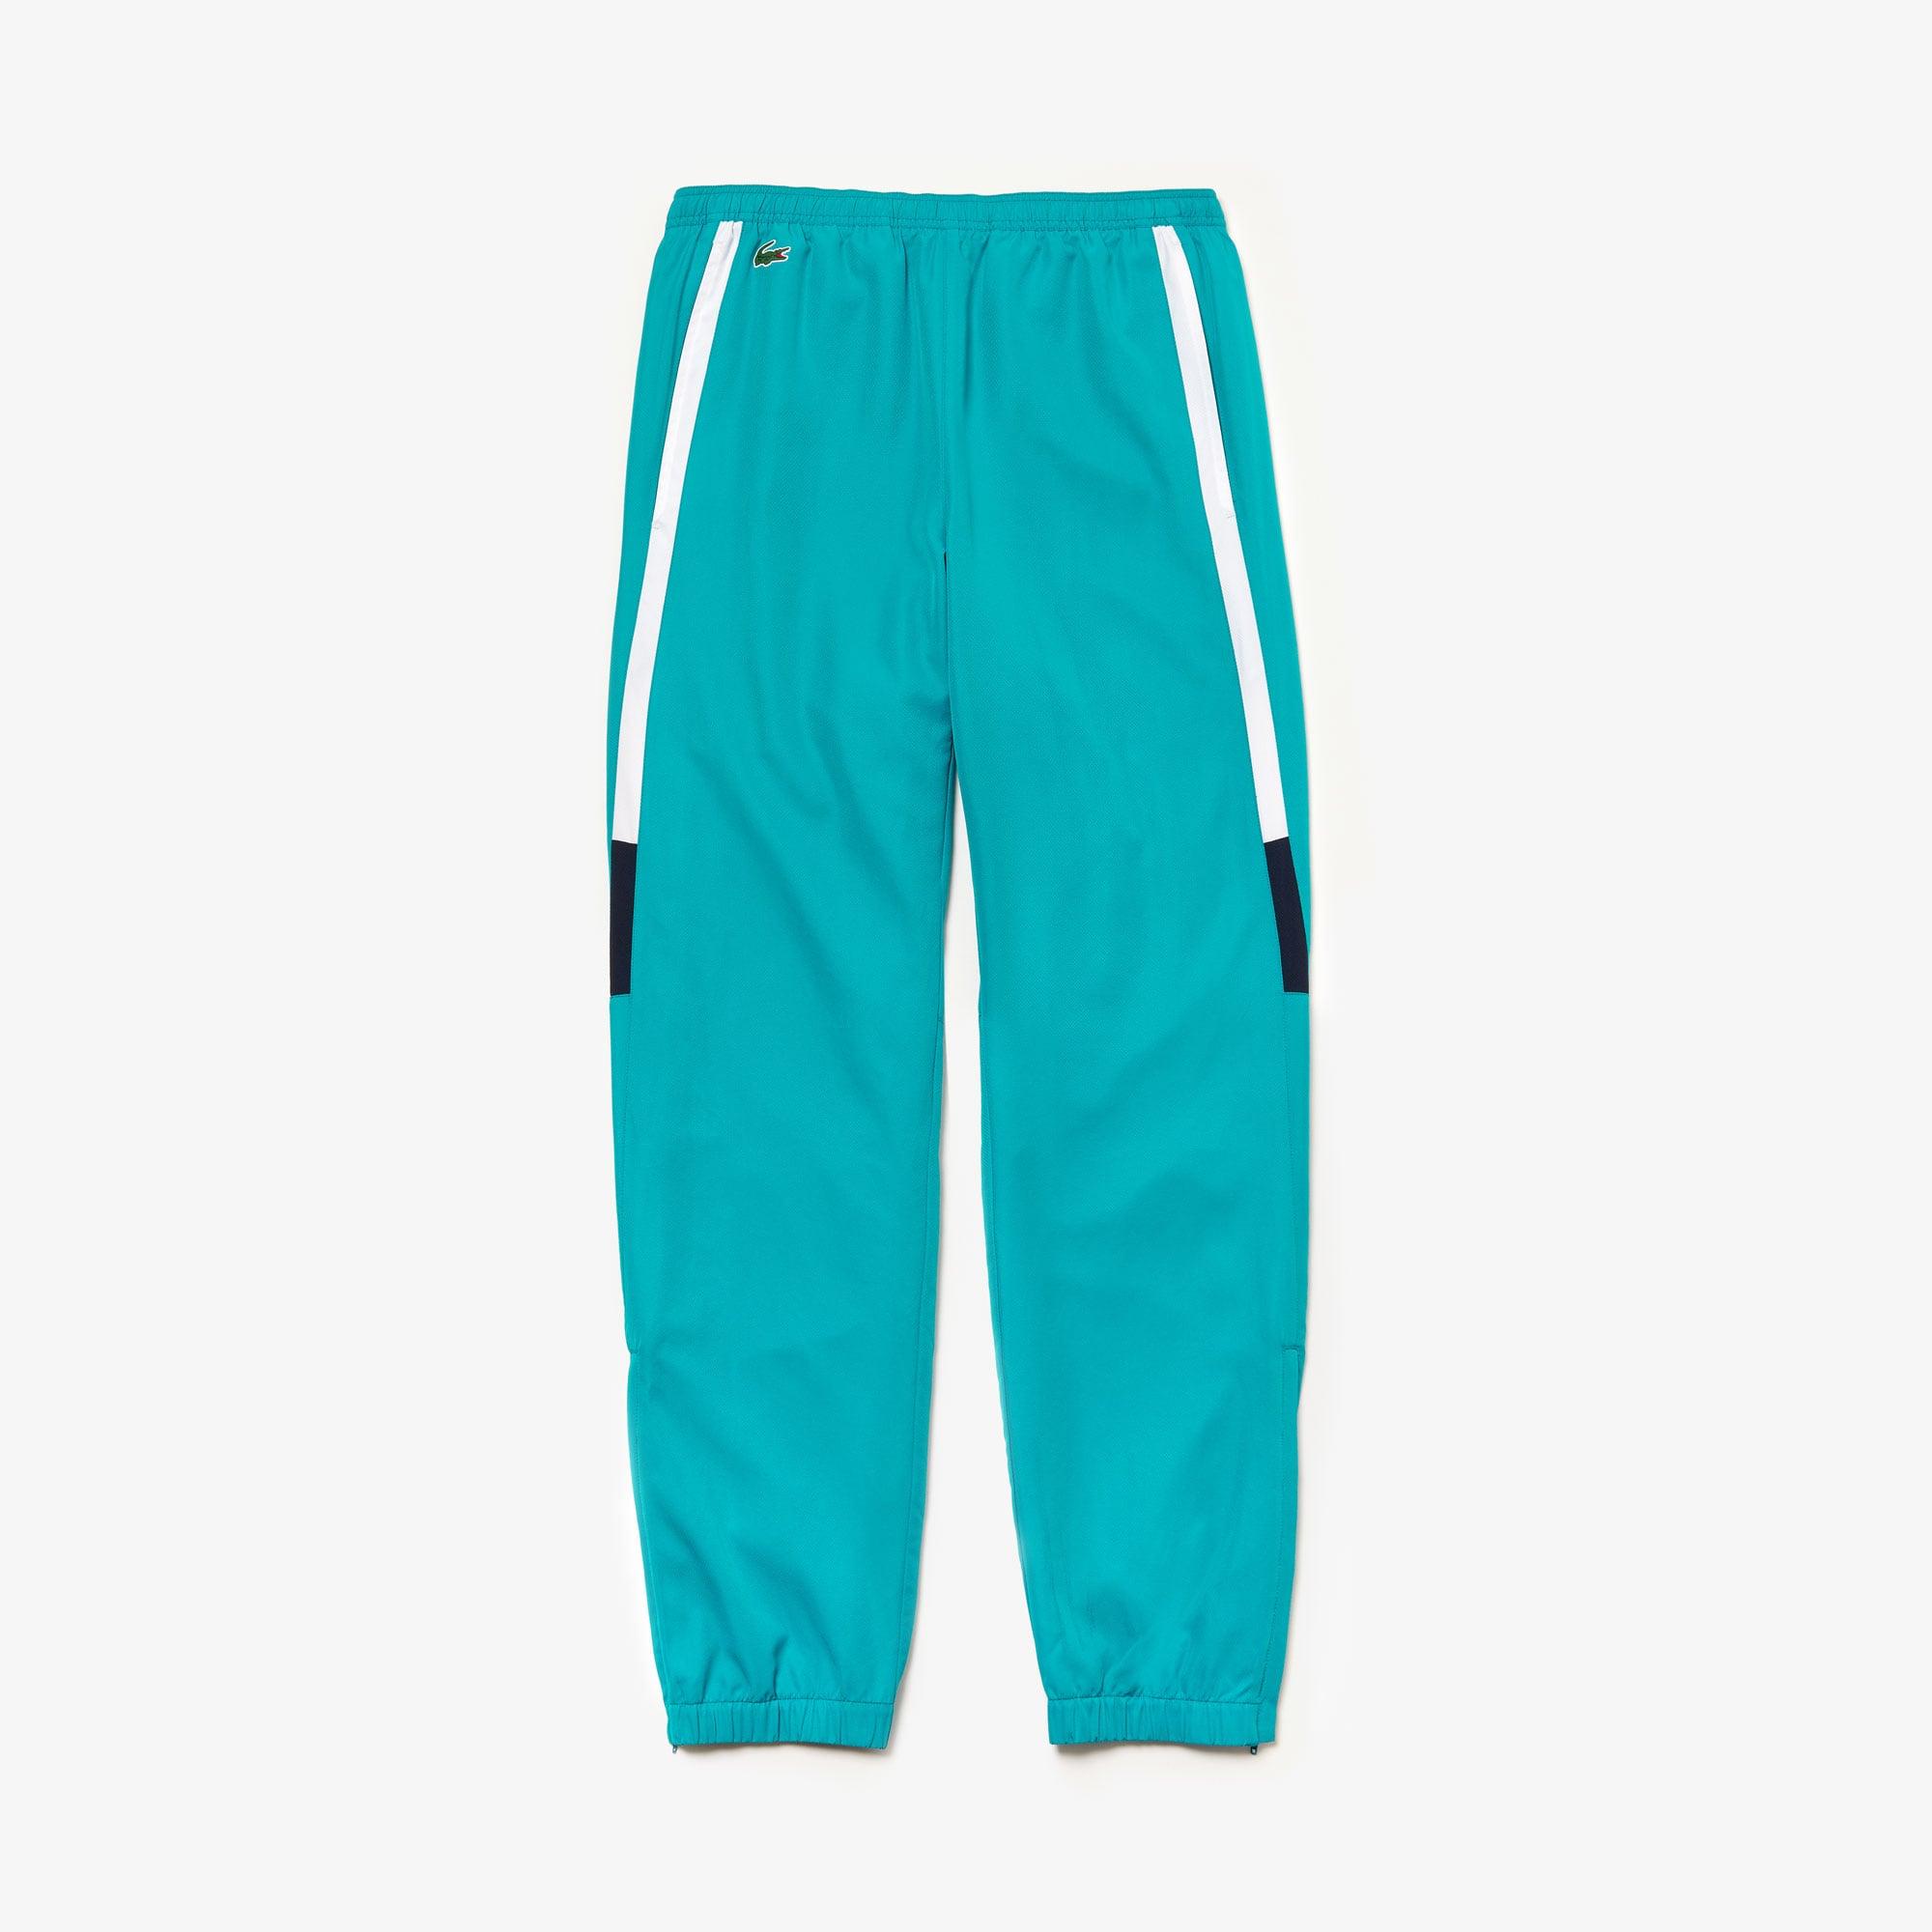 Pantalon de survêtement Lacoste SPORT léger